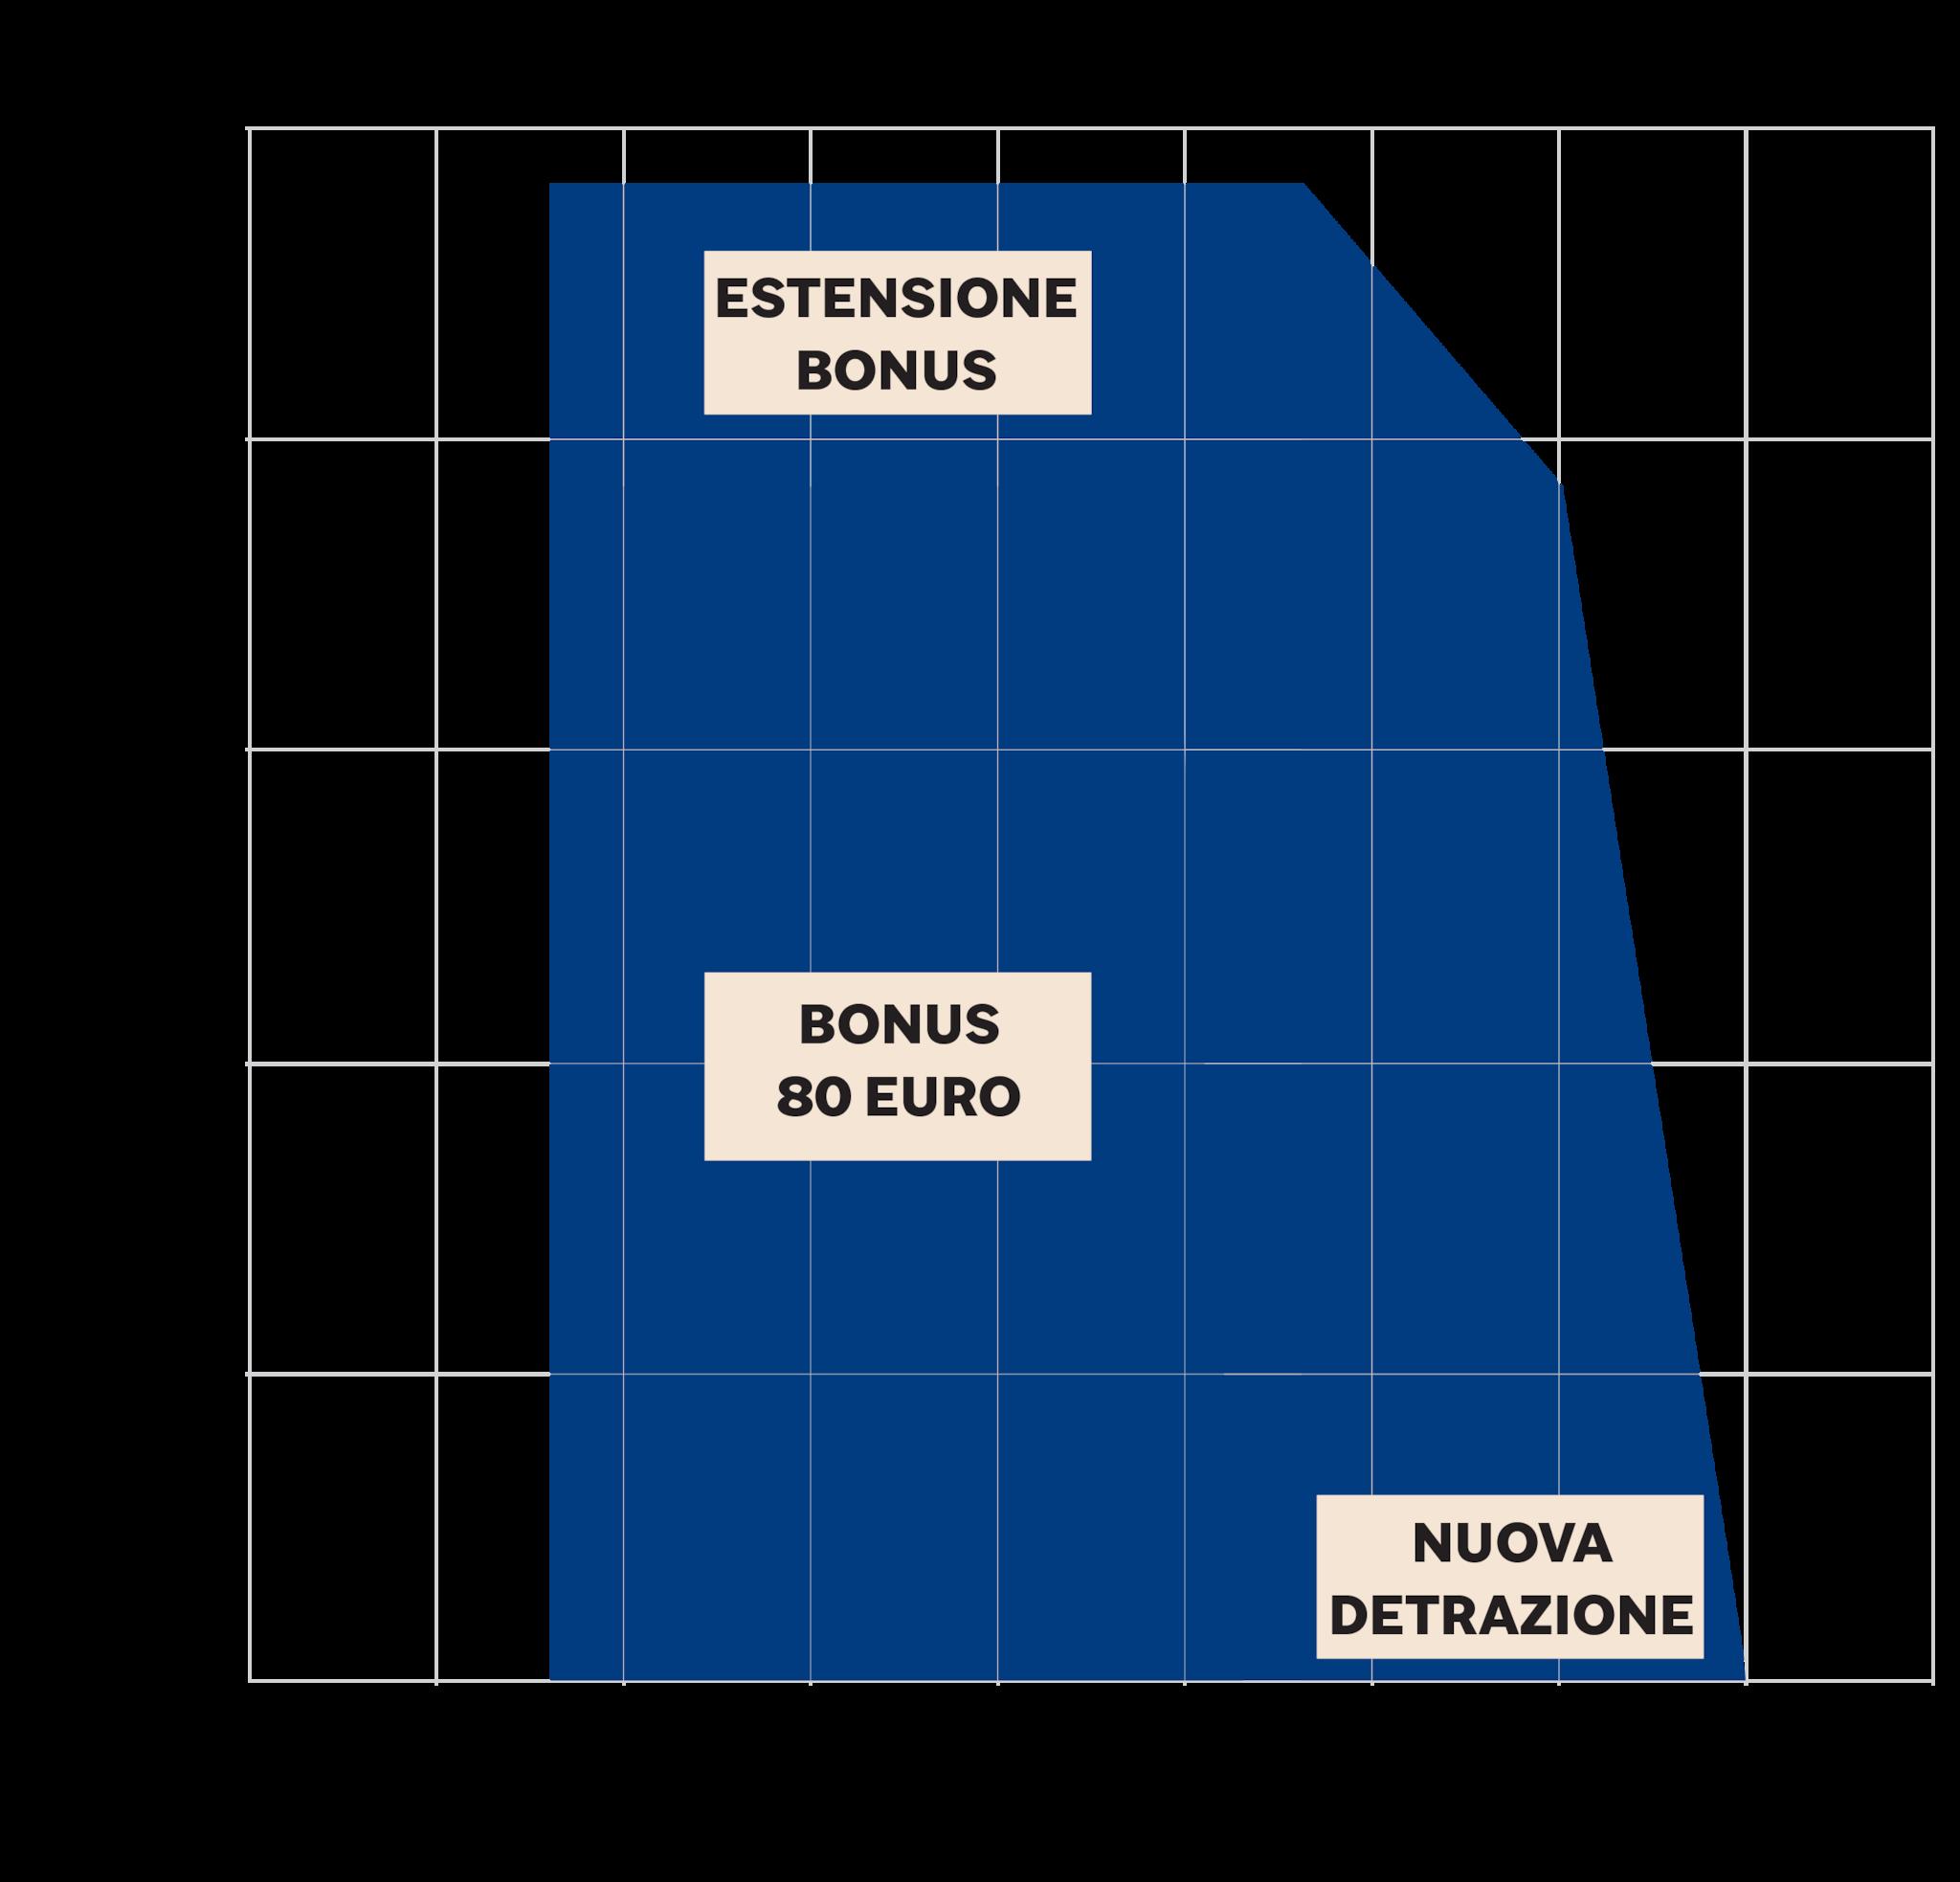 LE NUOVE MISURE E IL BONUS 80 EURO